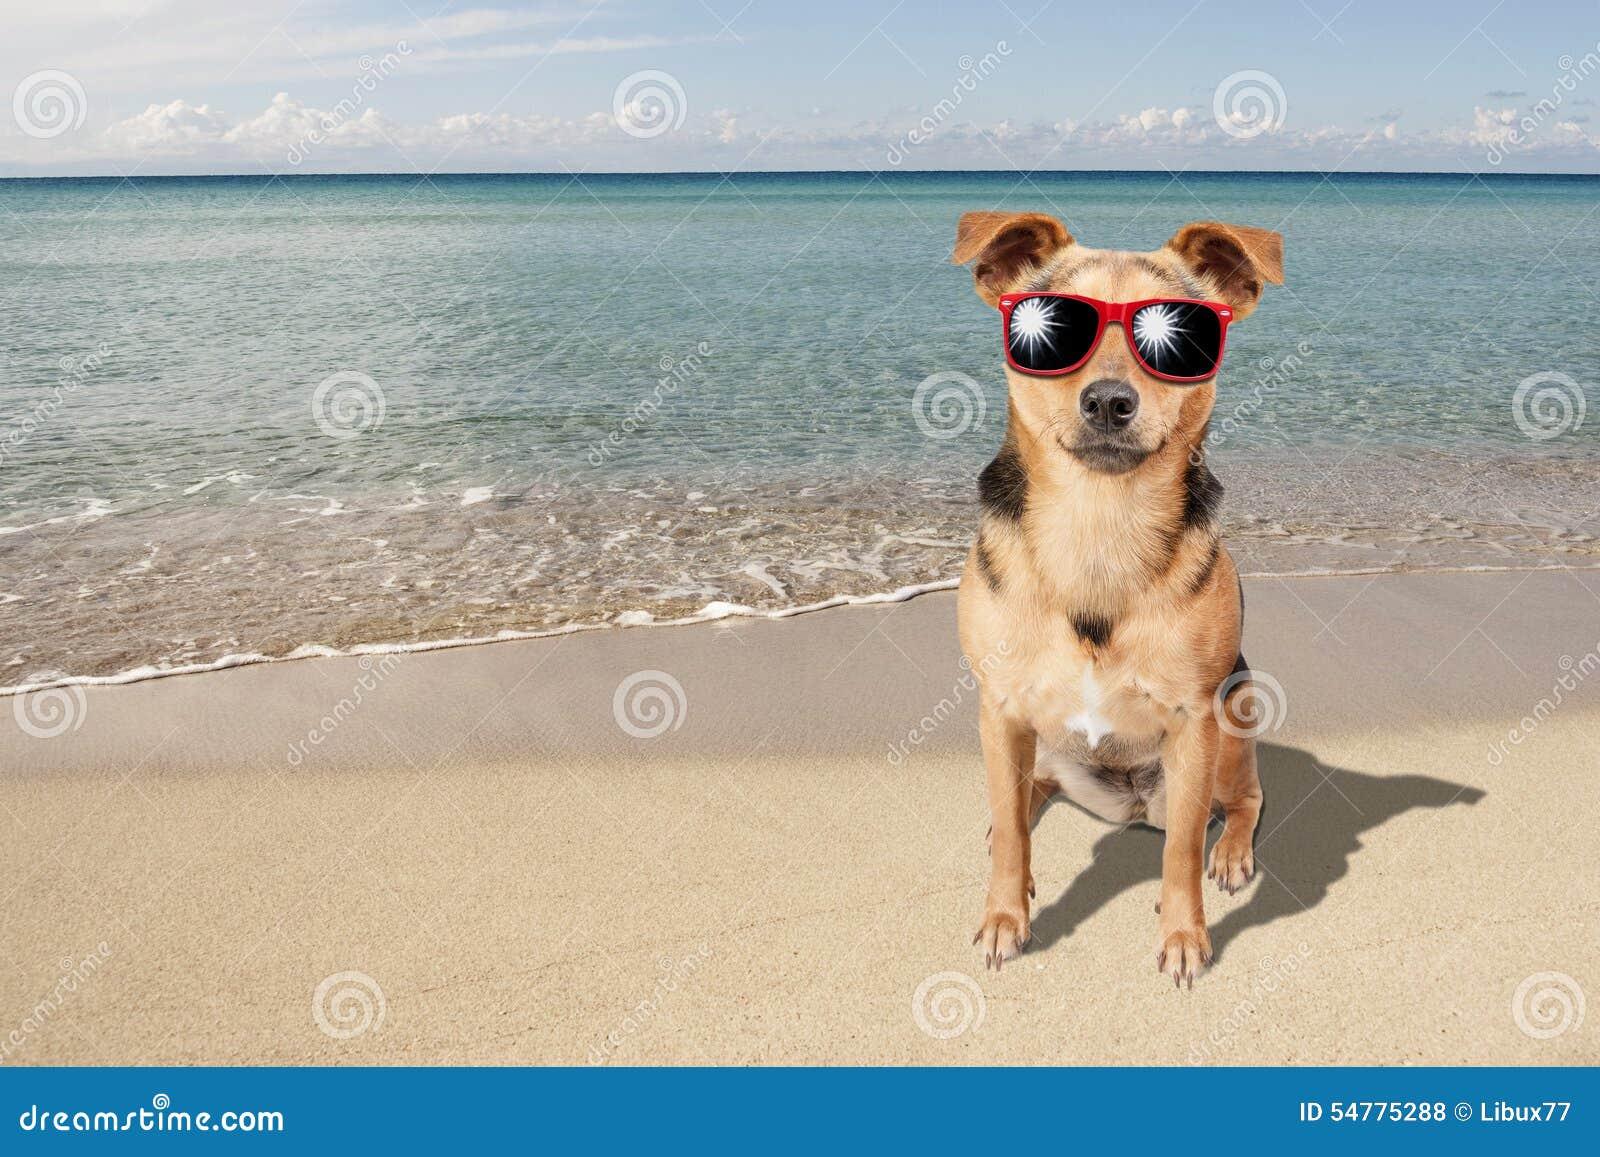 Hond Kleine Fawn Beach Sea Sunglasses